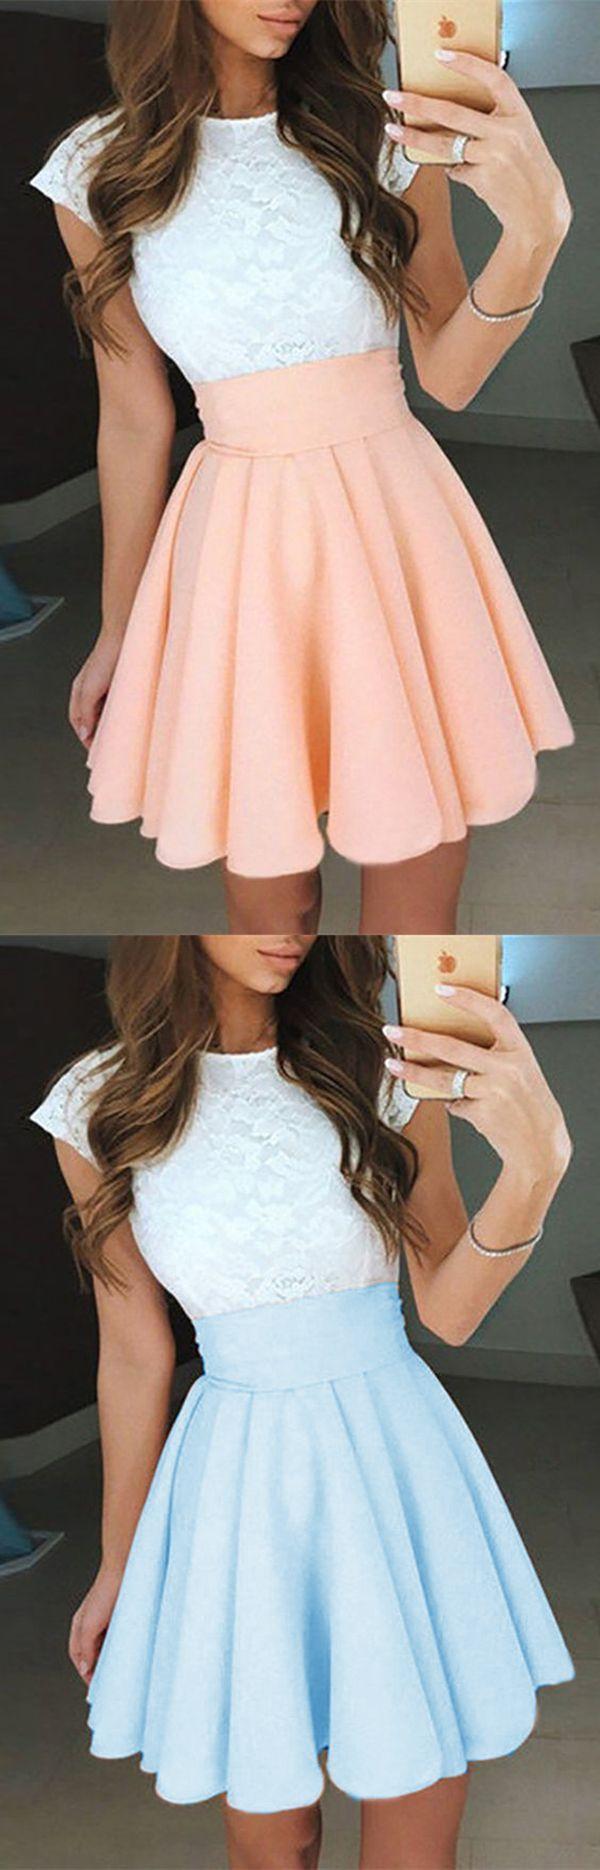 kurze Heimkehrkleider, rosa Heimkehrkleider, Spitzen-Heimkehrkleider, süße Pa #rosaspitzenkleider